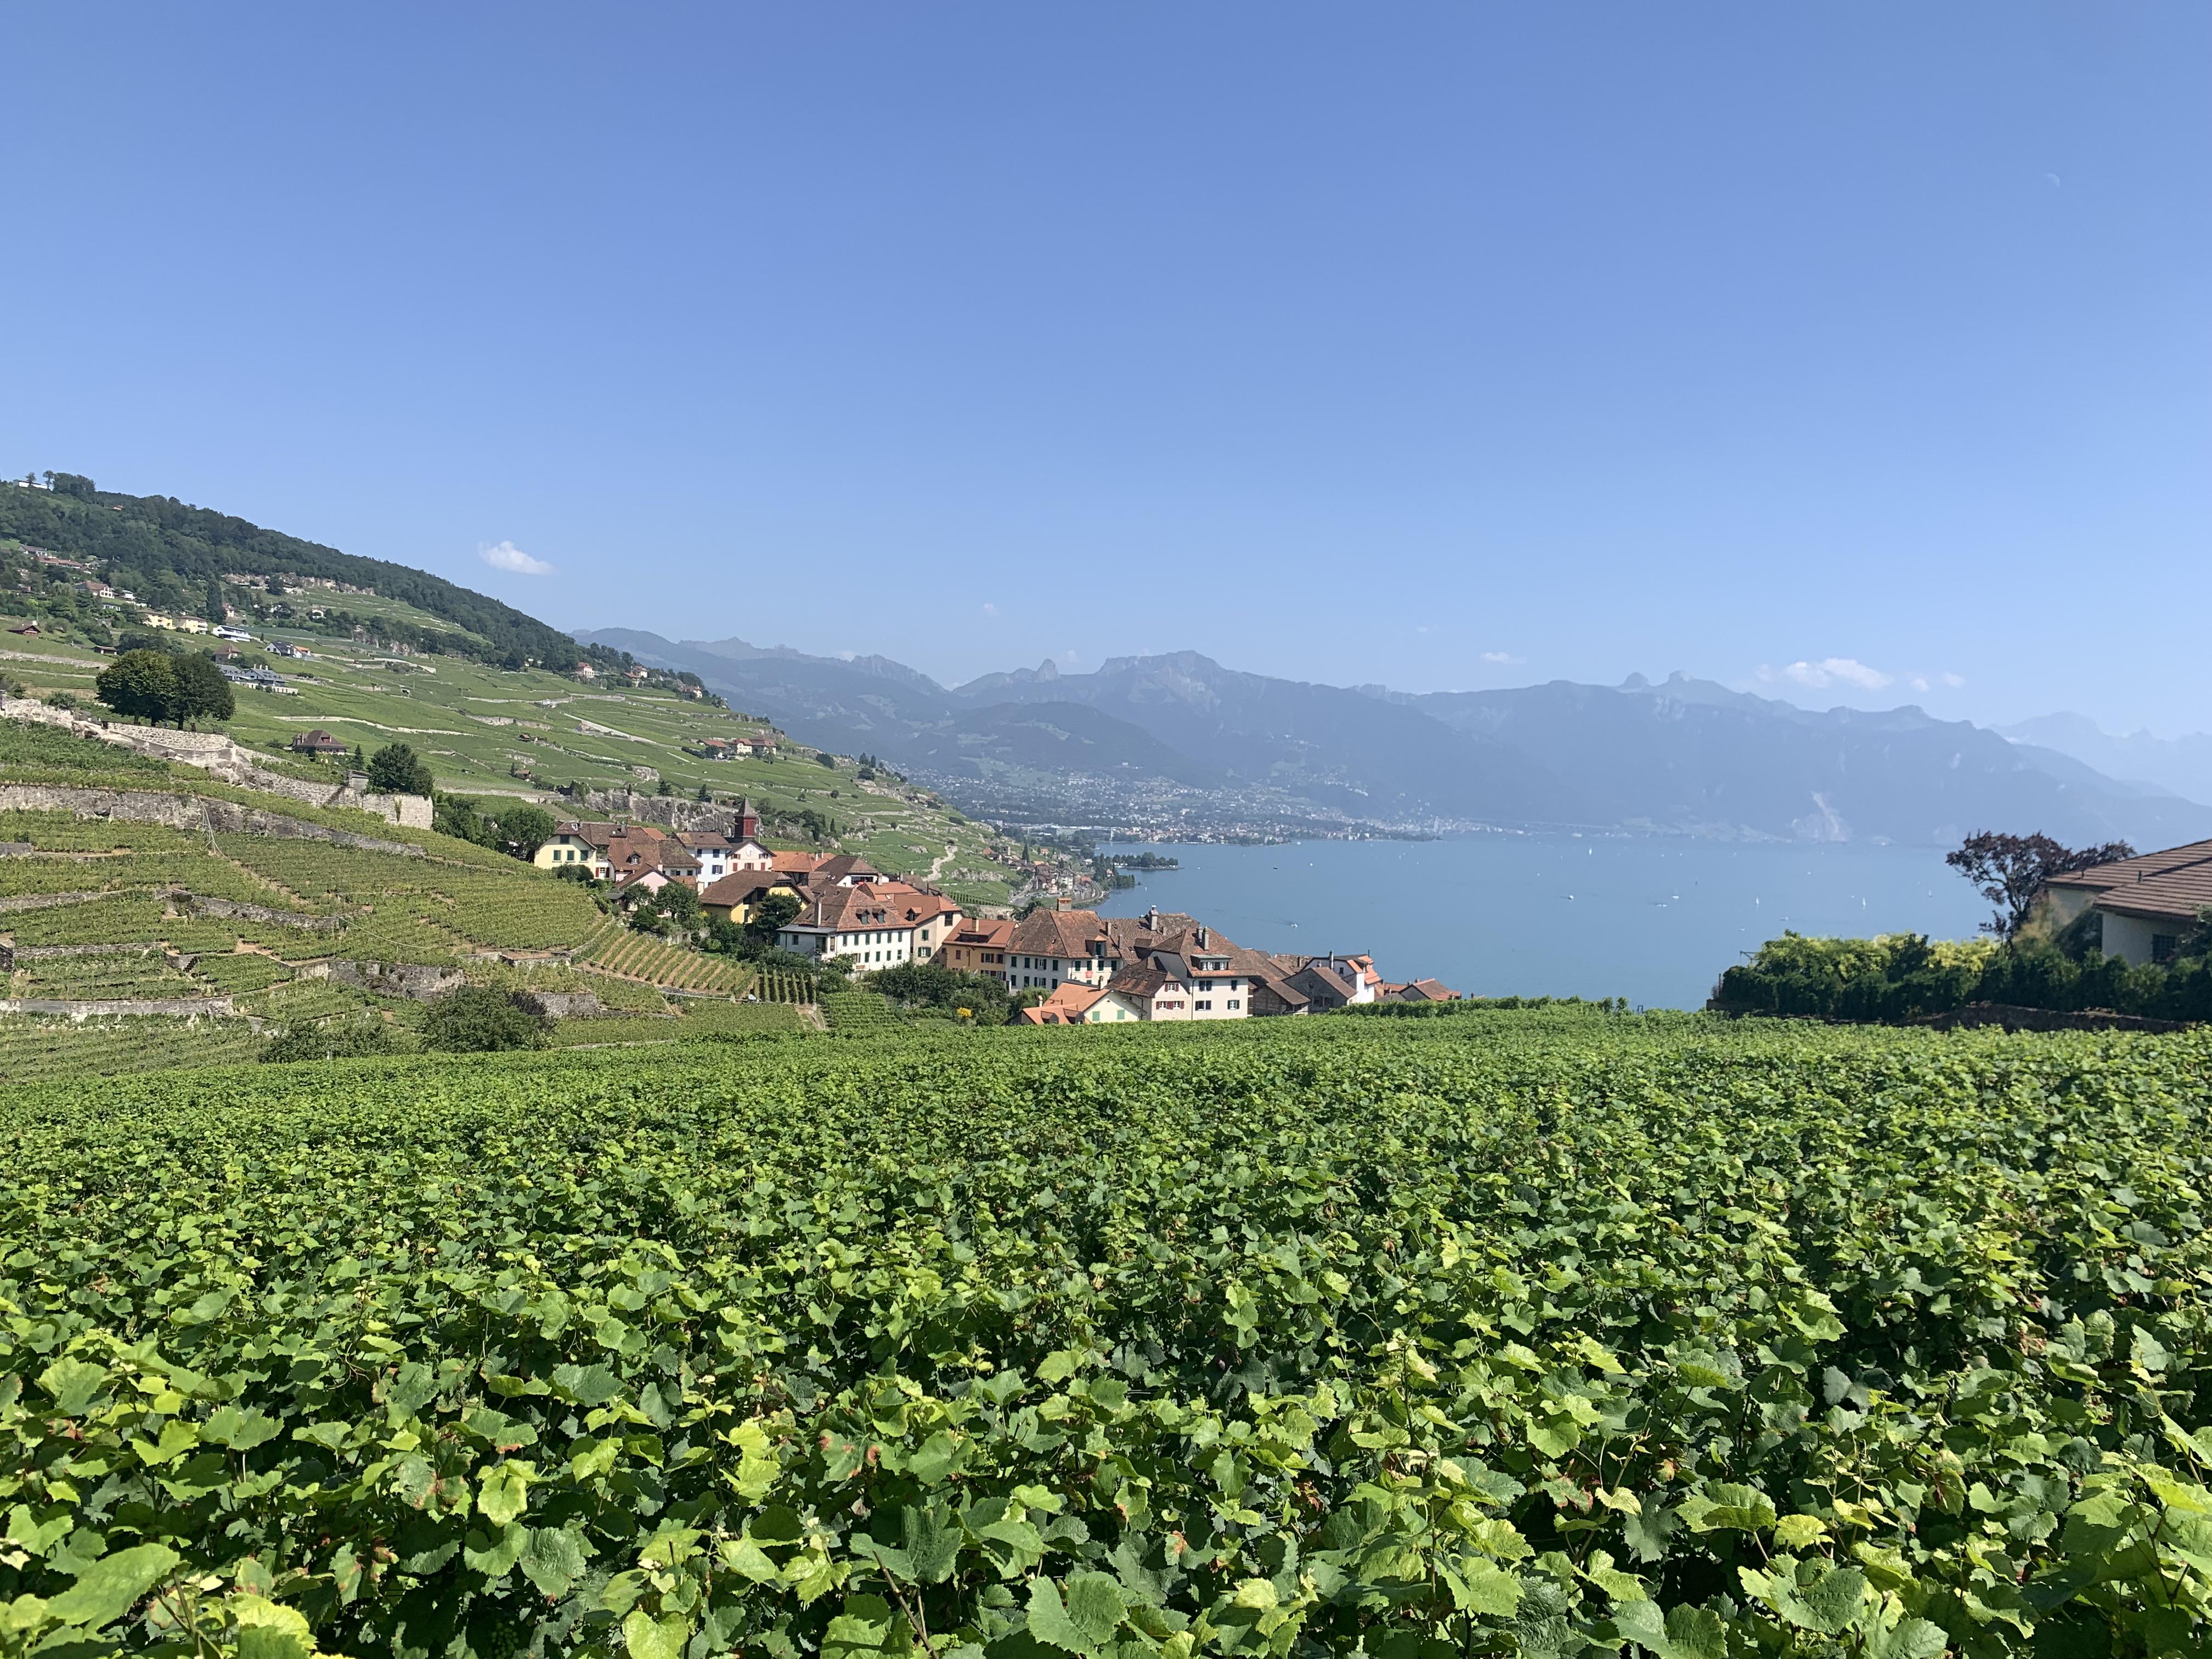 Vinhedos de Lavaux, considerada a região de vinhos mais bonita do mundo pela revista Forbes